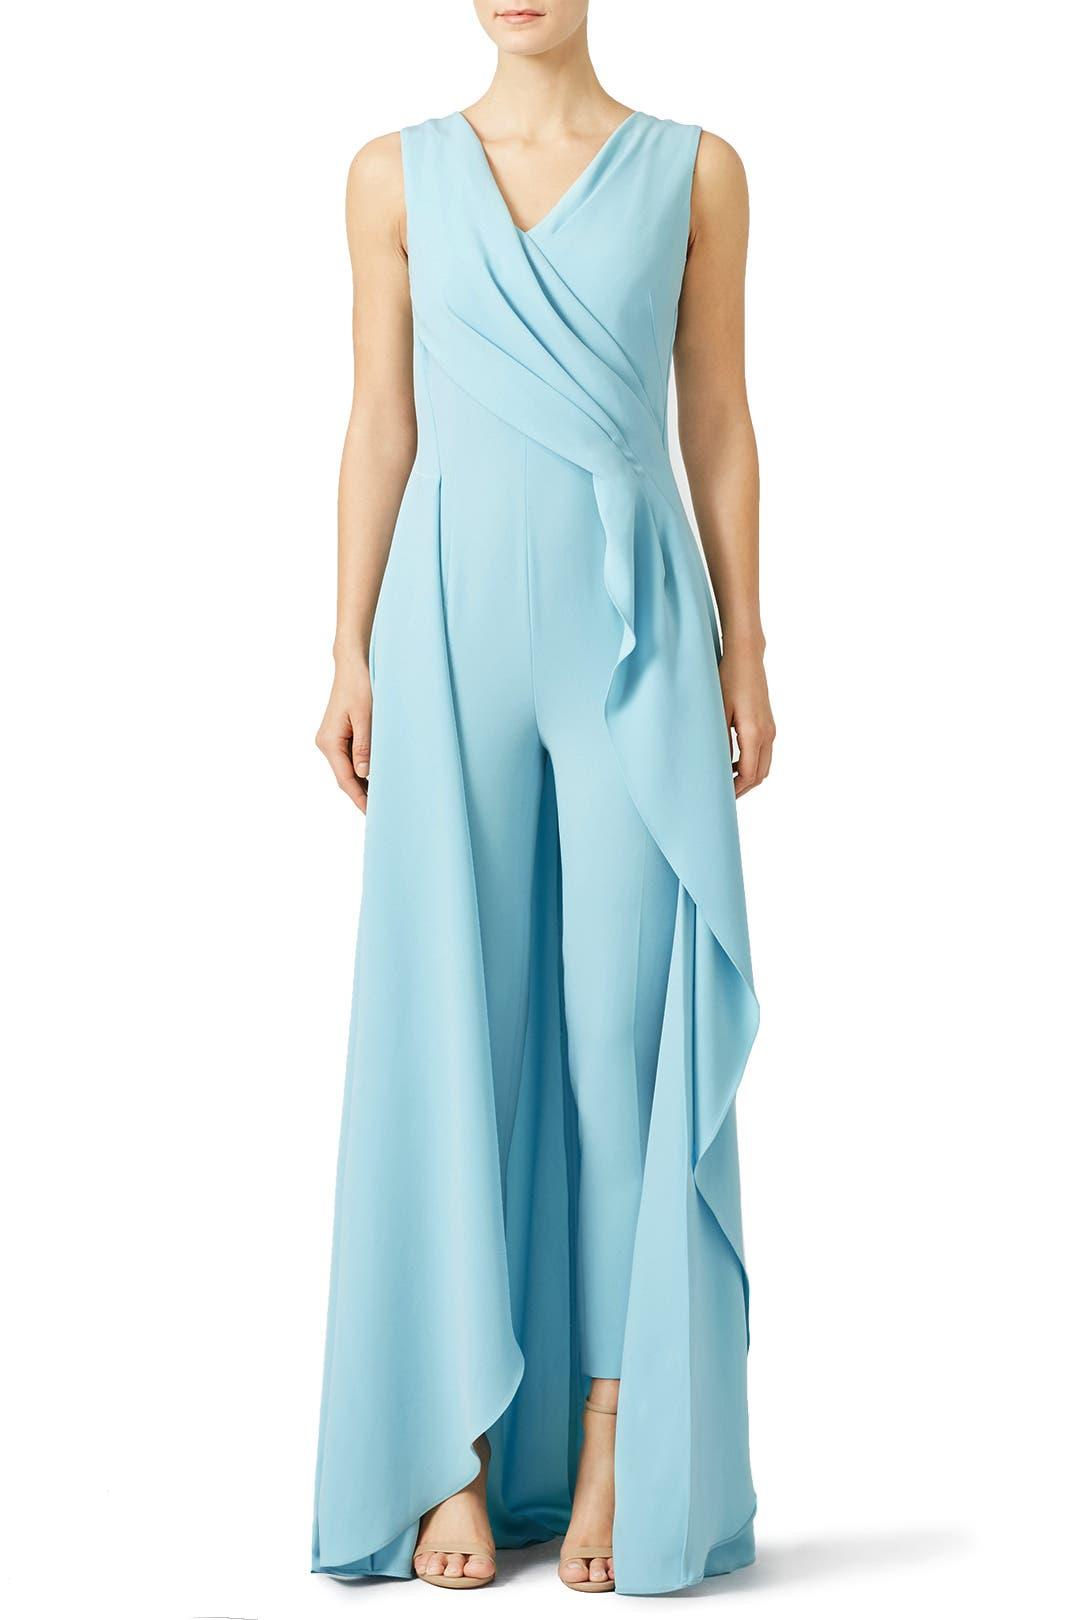 Blue Dressy Plus Jumpsuit: Light Blue Petal Jumpsuit By Escada For $400